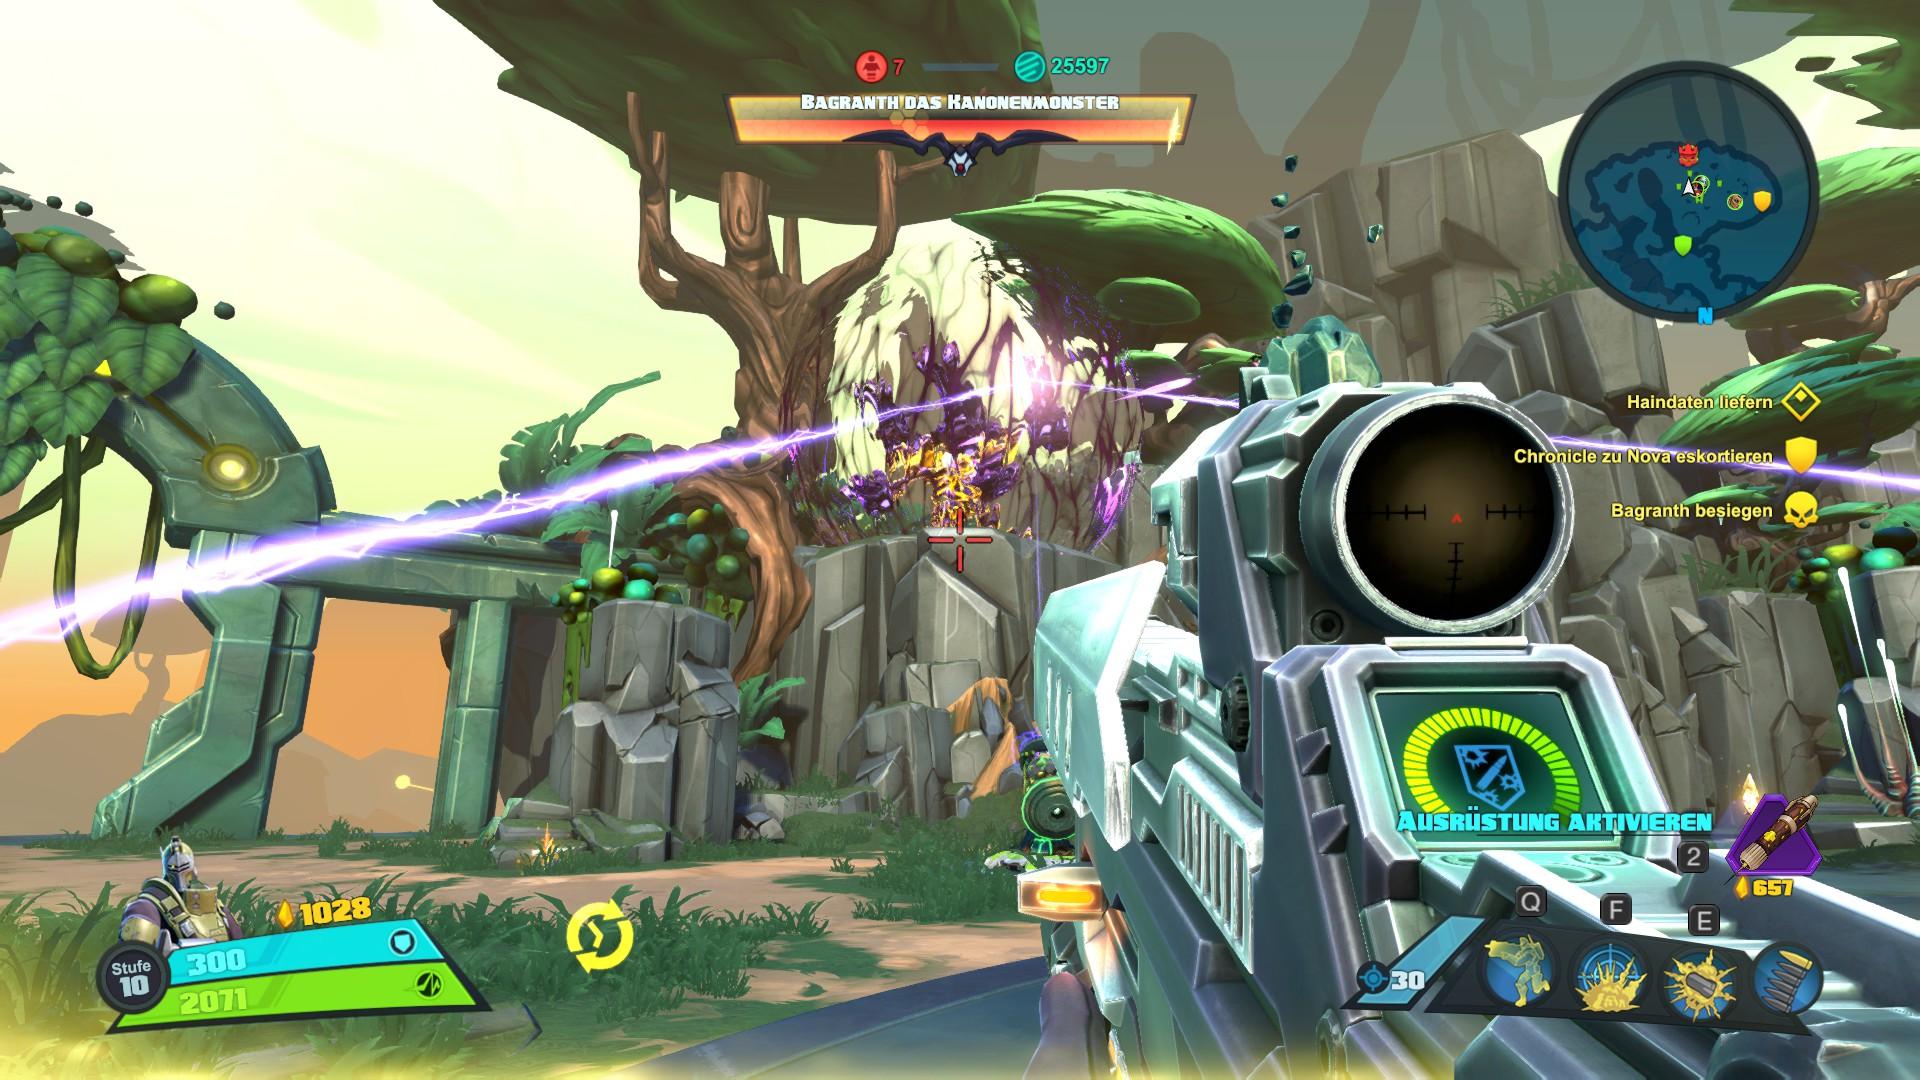 Battleborn: Screenshots zum Artikel